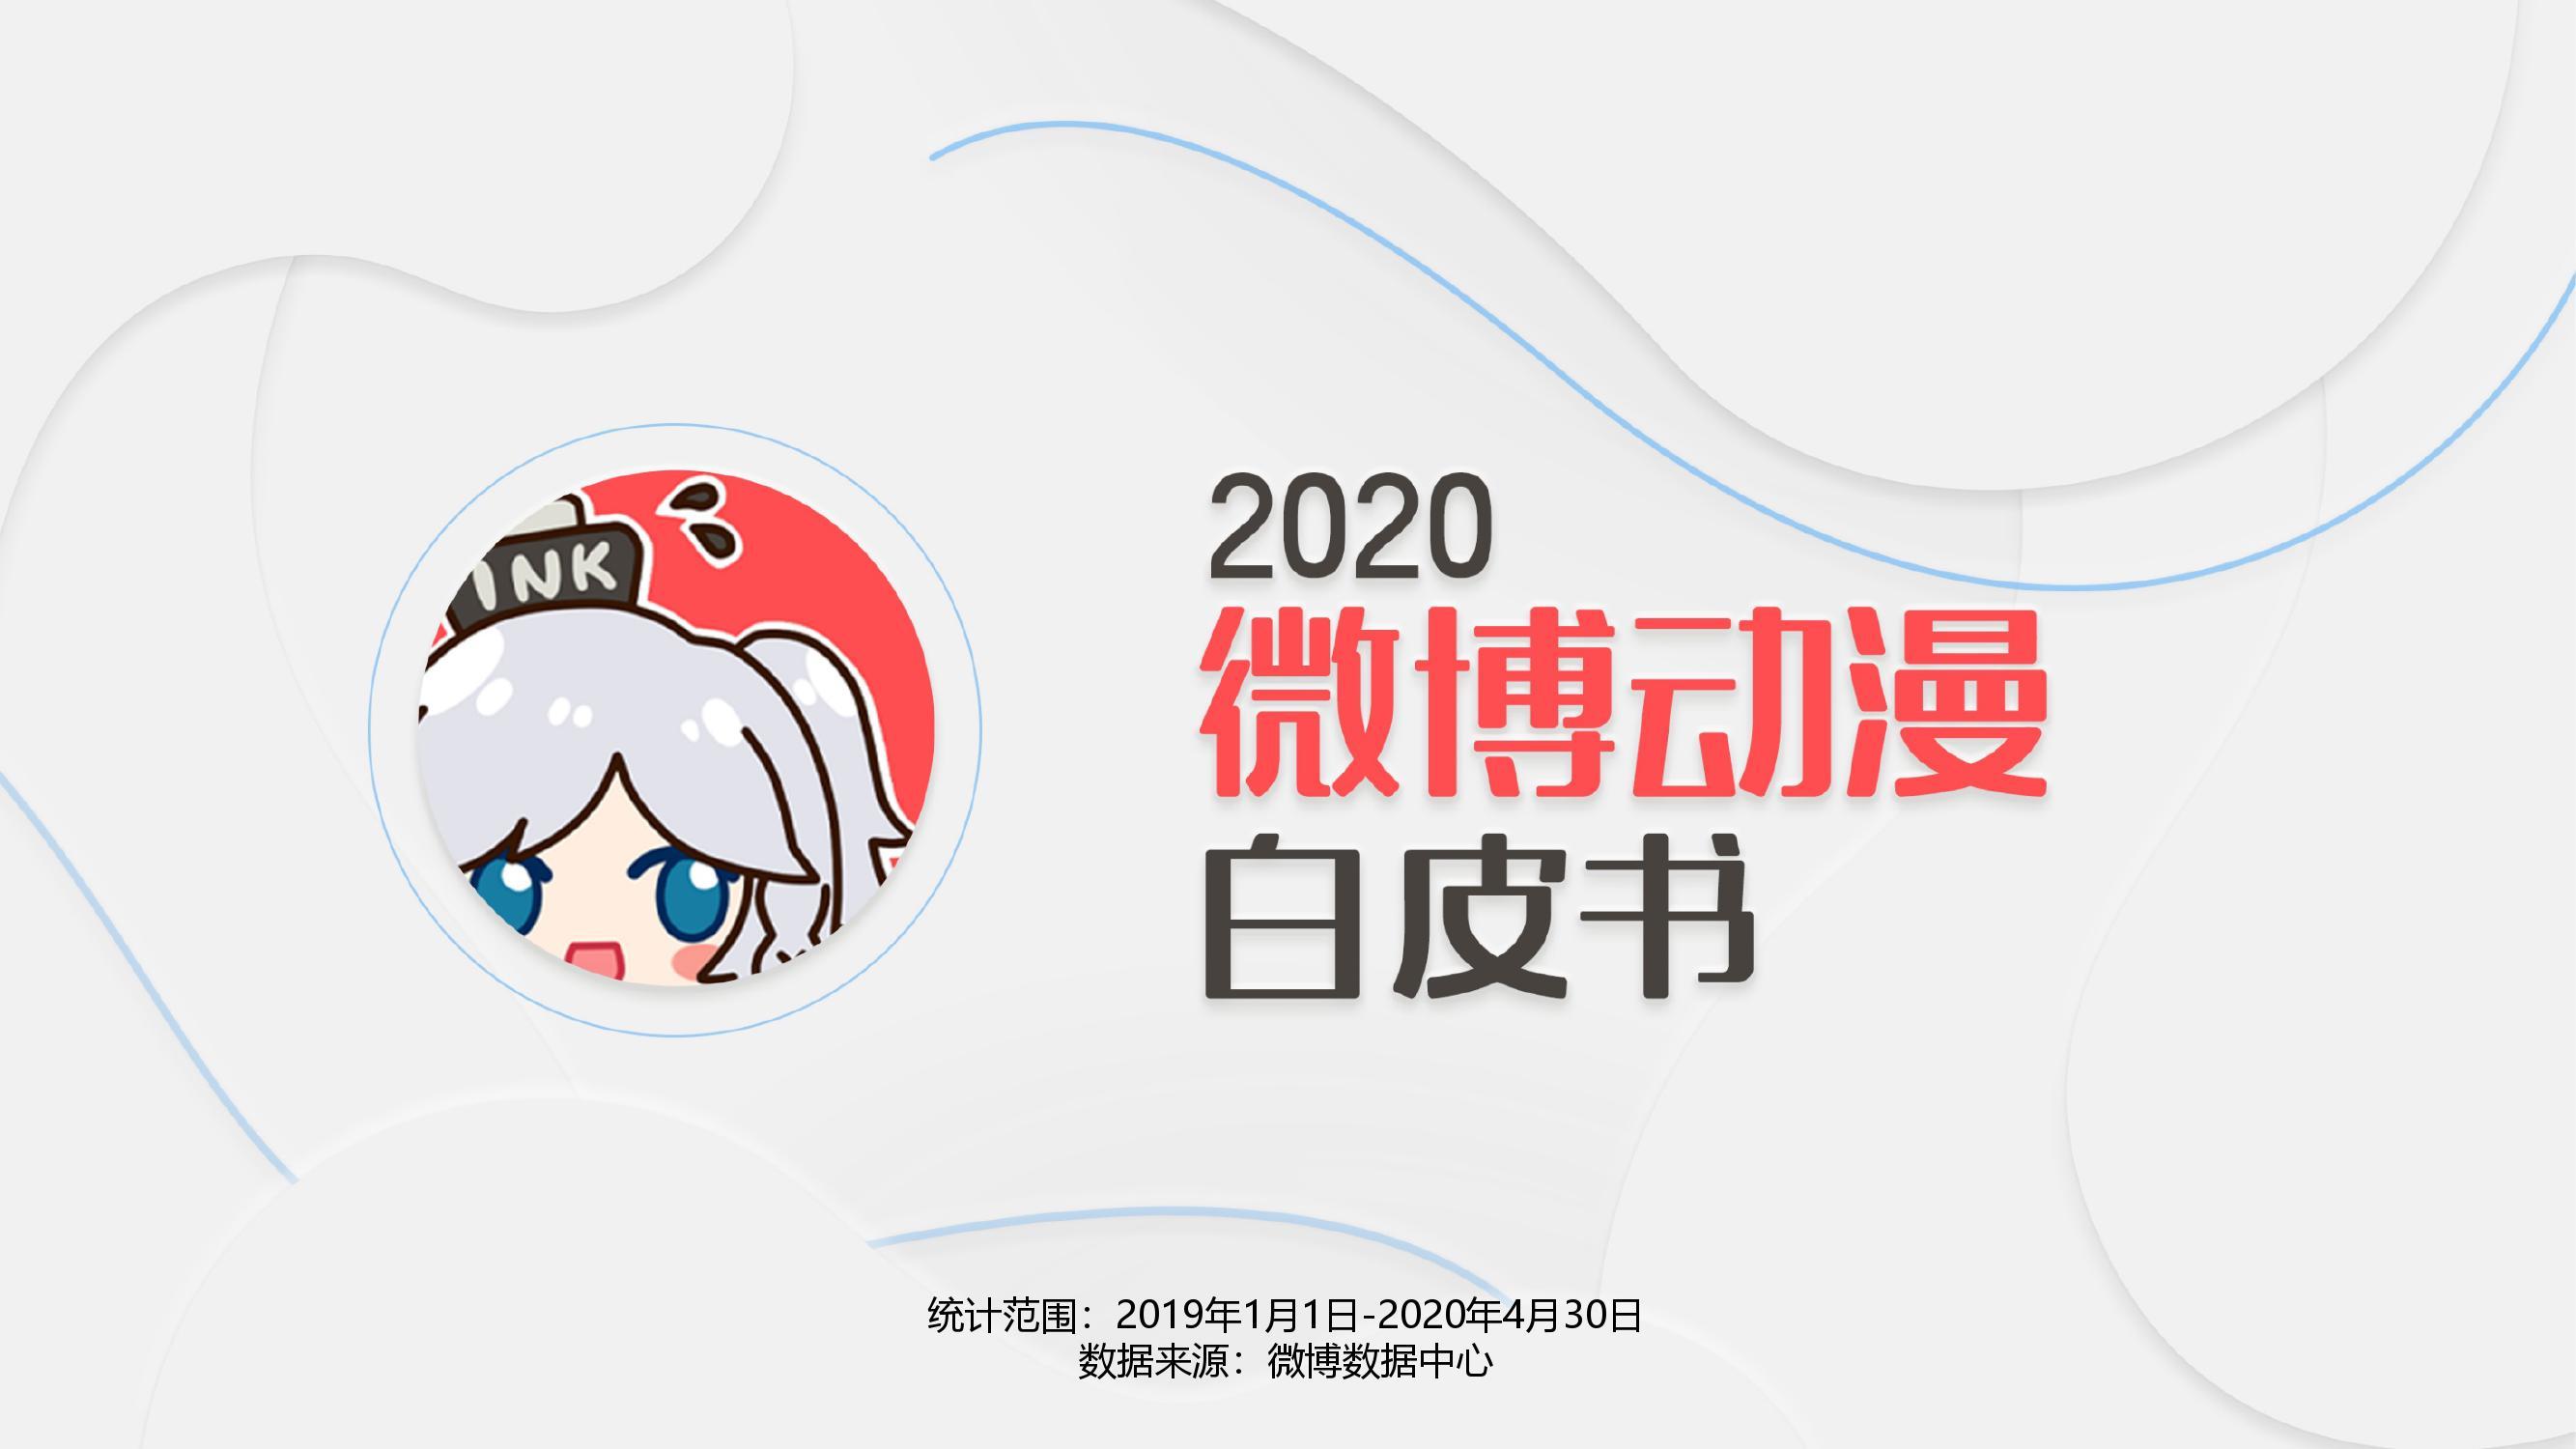 微博动漫:2020微博动漫白皮书